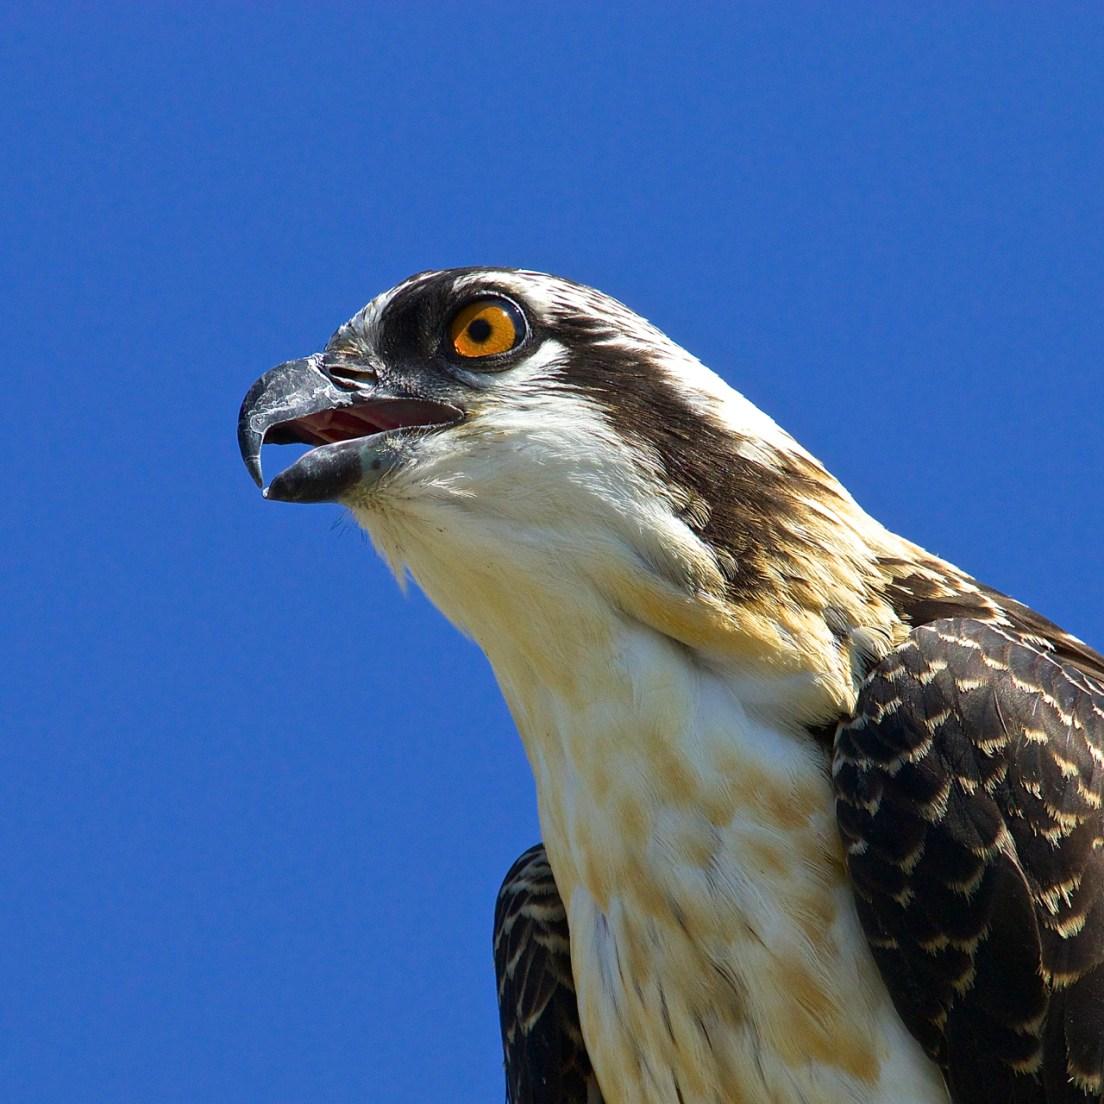 By the way, do you speak Osprey?